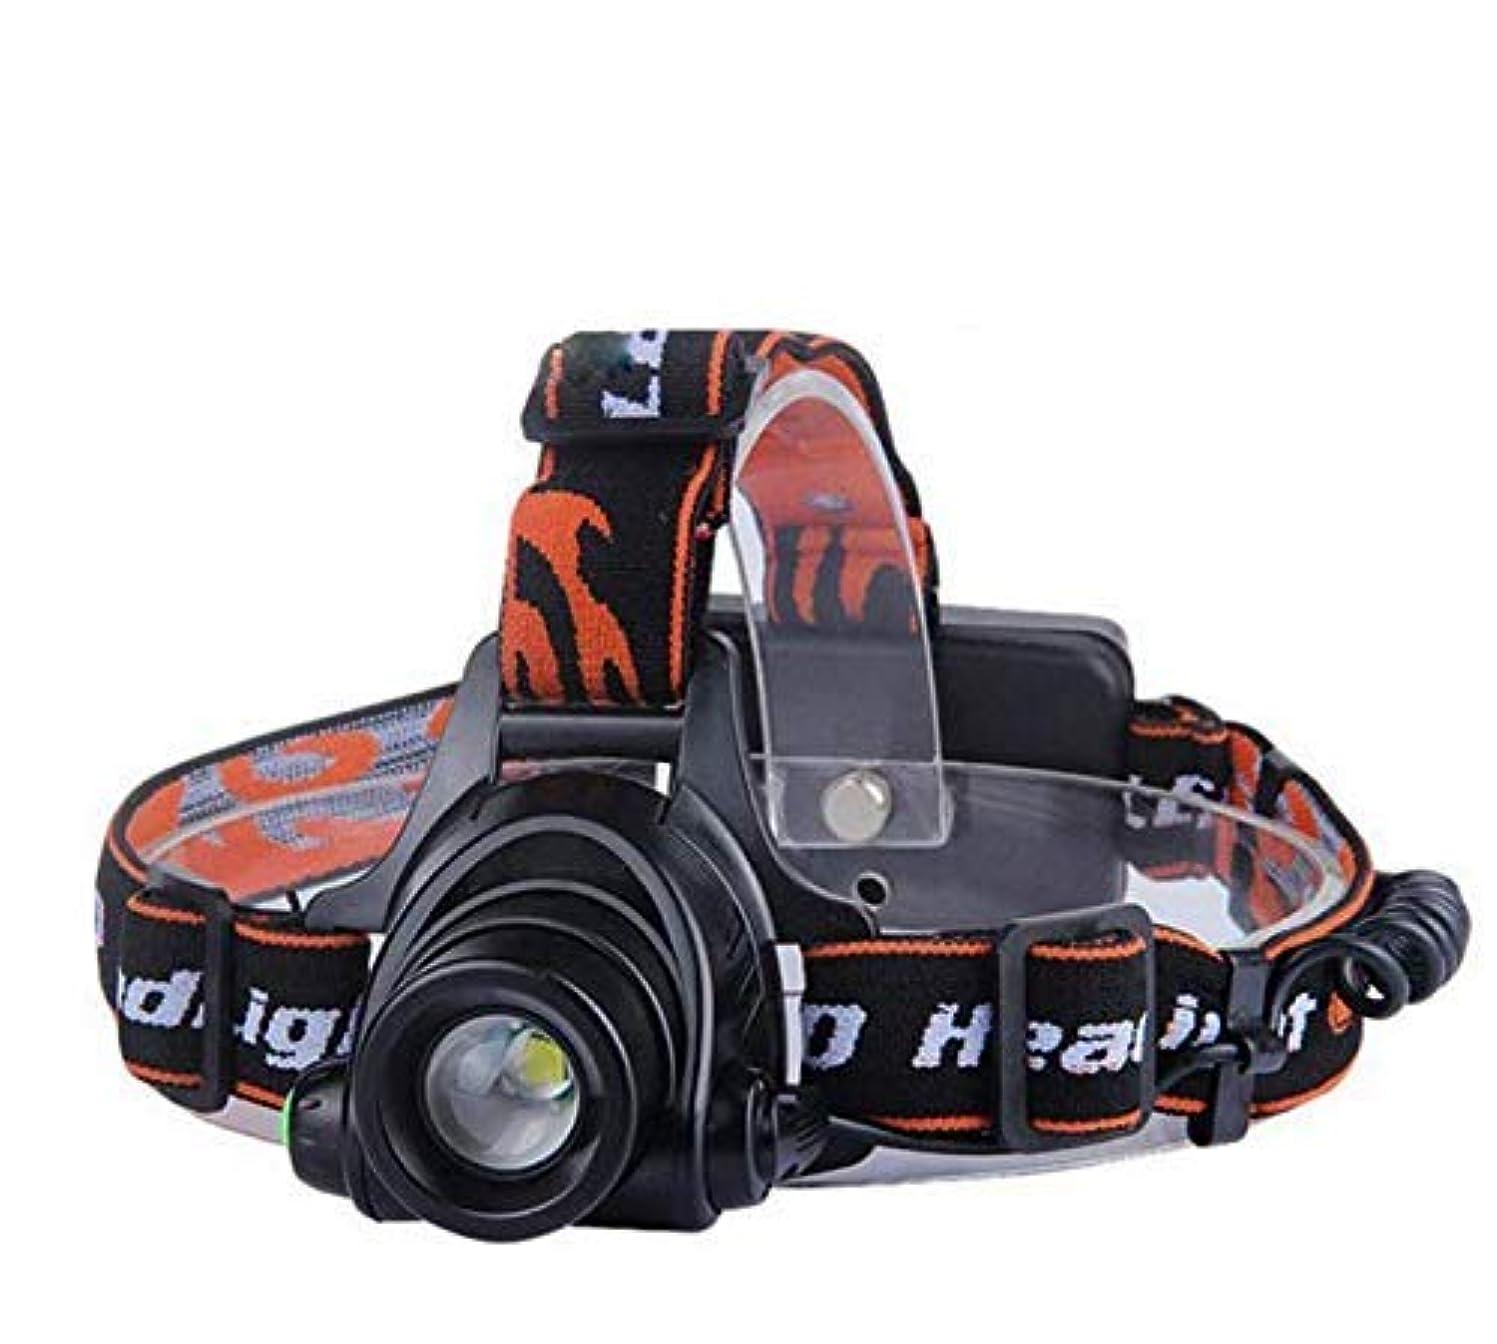 BaFangヘッドライトT6充電式ヘッドトーチ - 超高輝度、防水、軽量&快適 - ランニング、ウォーキング、キャンプ、ハイキングに最適なヘッドランプ